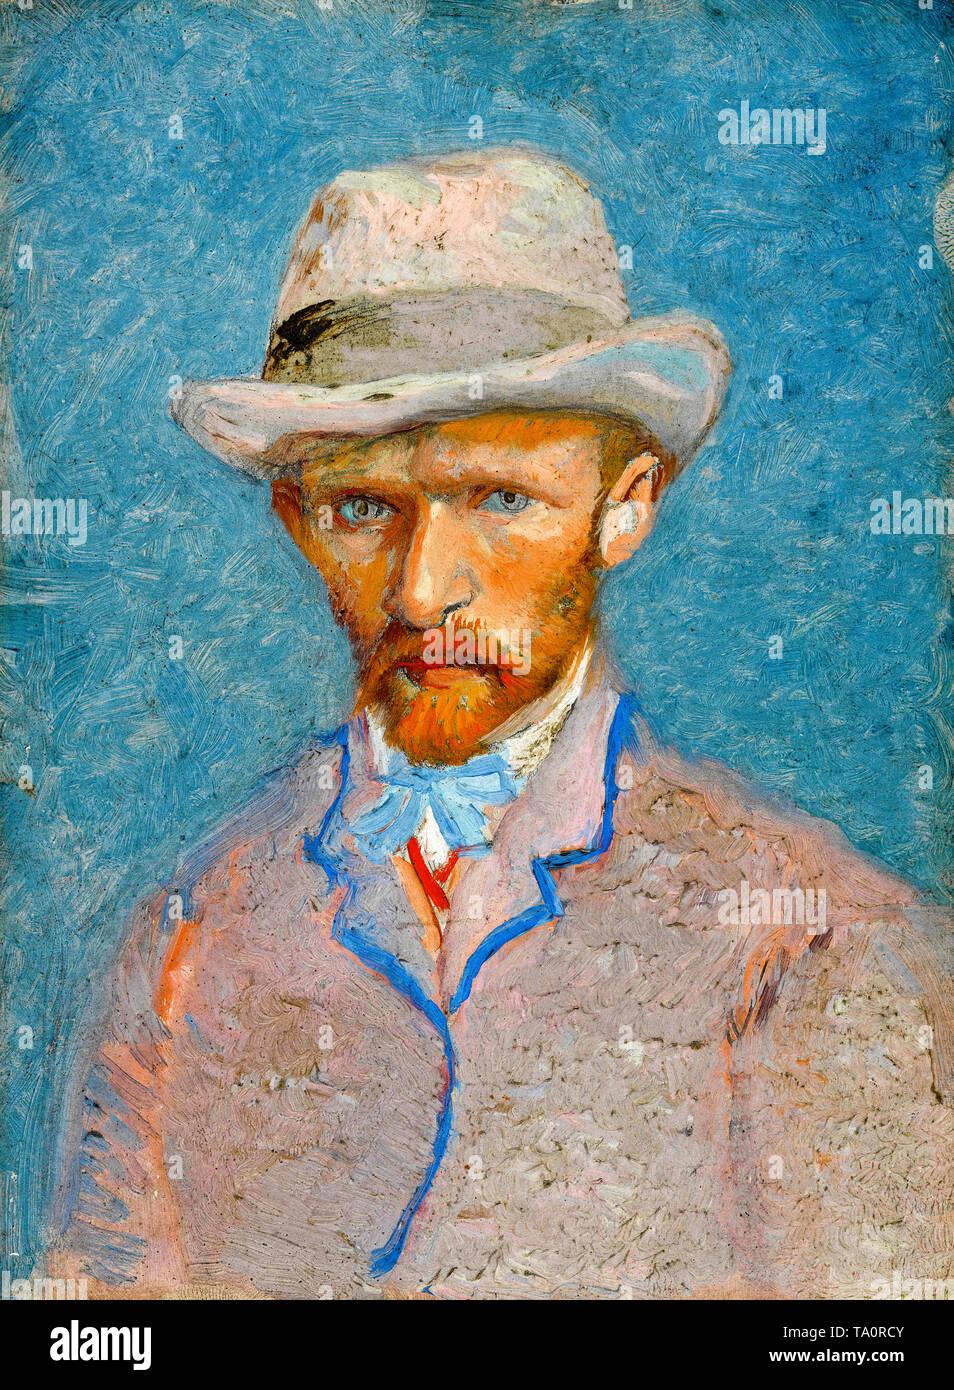 Vincent van Gogh, Self-Portrait, 1887 - Stock Image